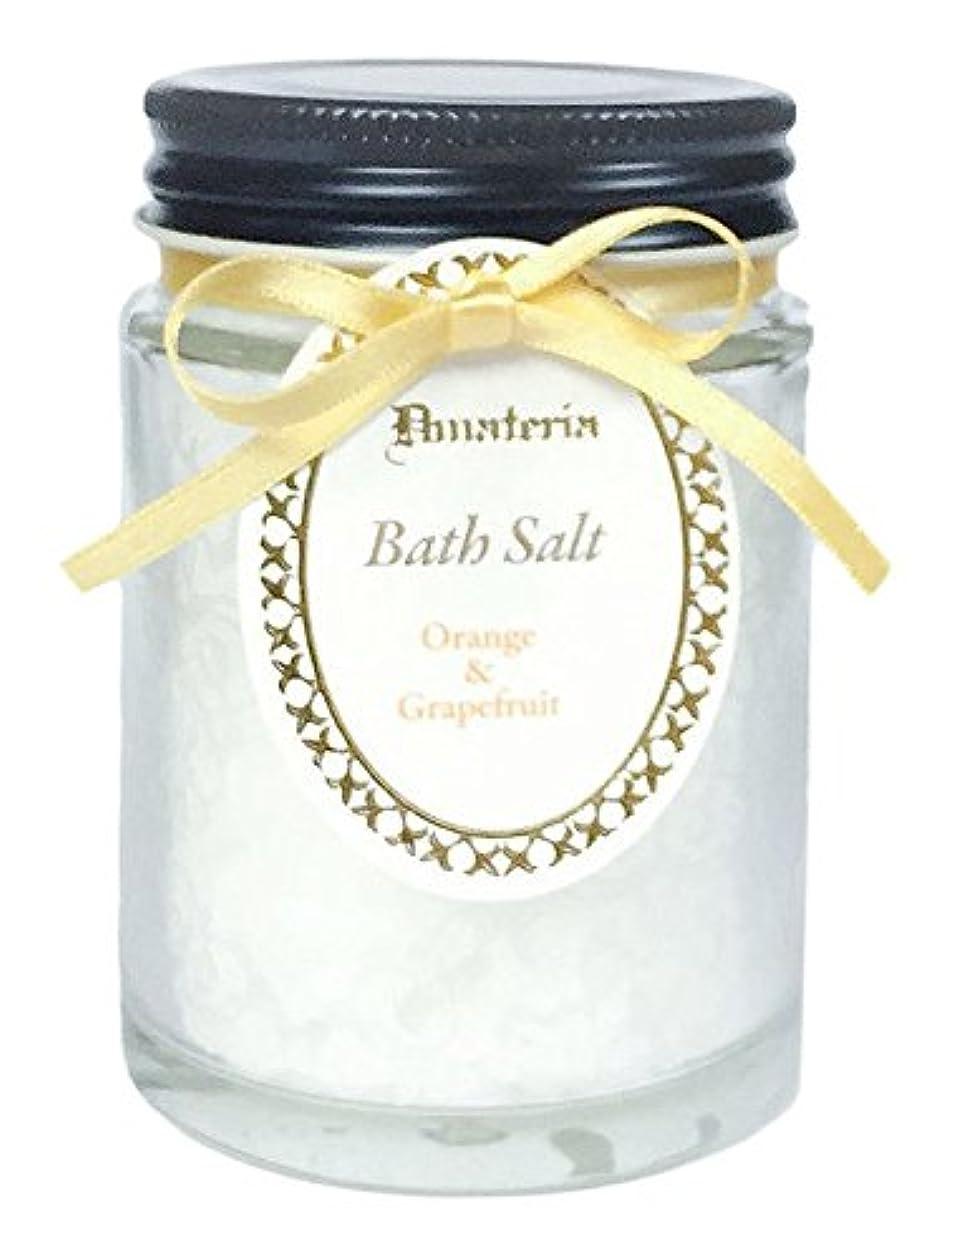 レンド望ましい口D materia バスソルト オレンジ&グレープフルーツ Orange&Grapefruit Bath Salt ディーマテリア